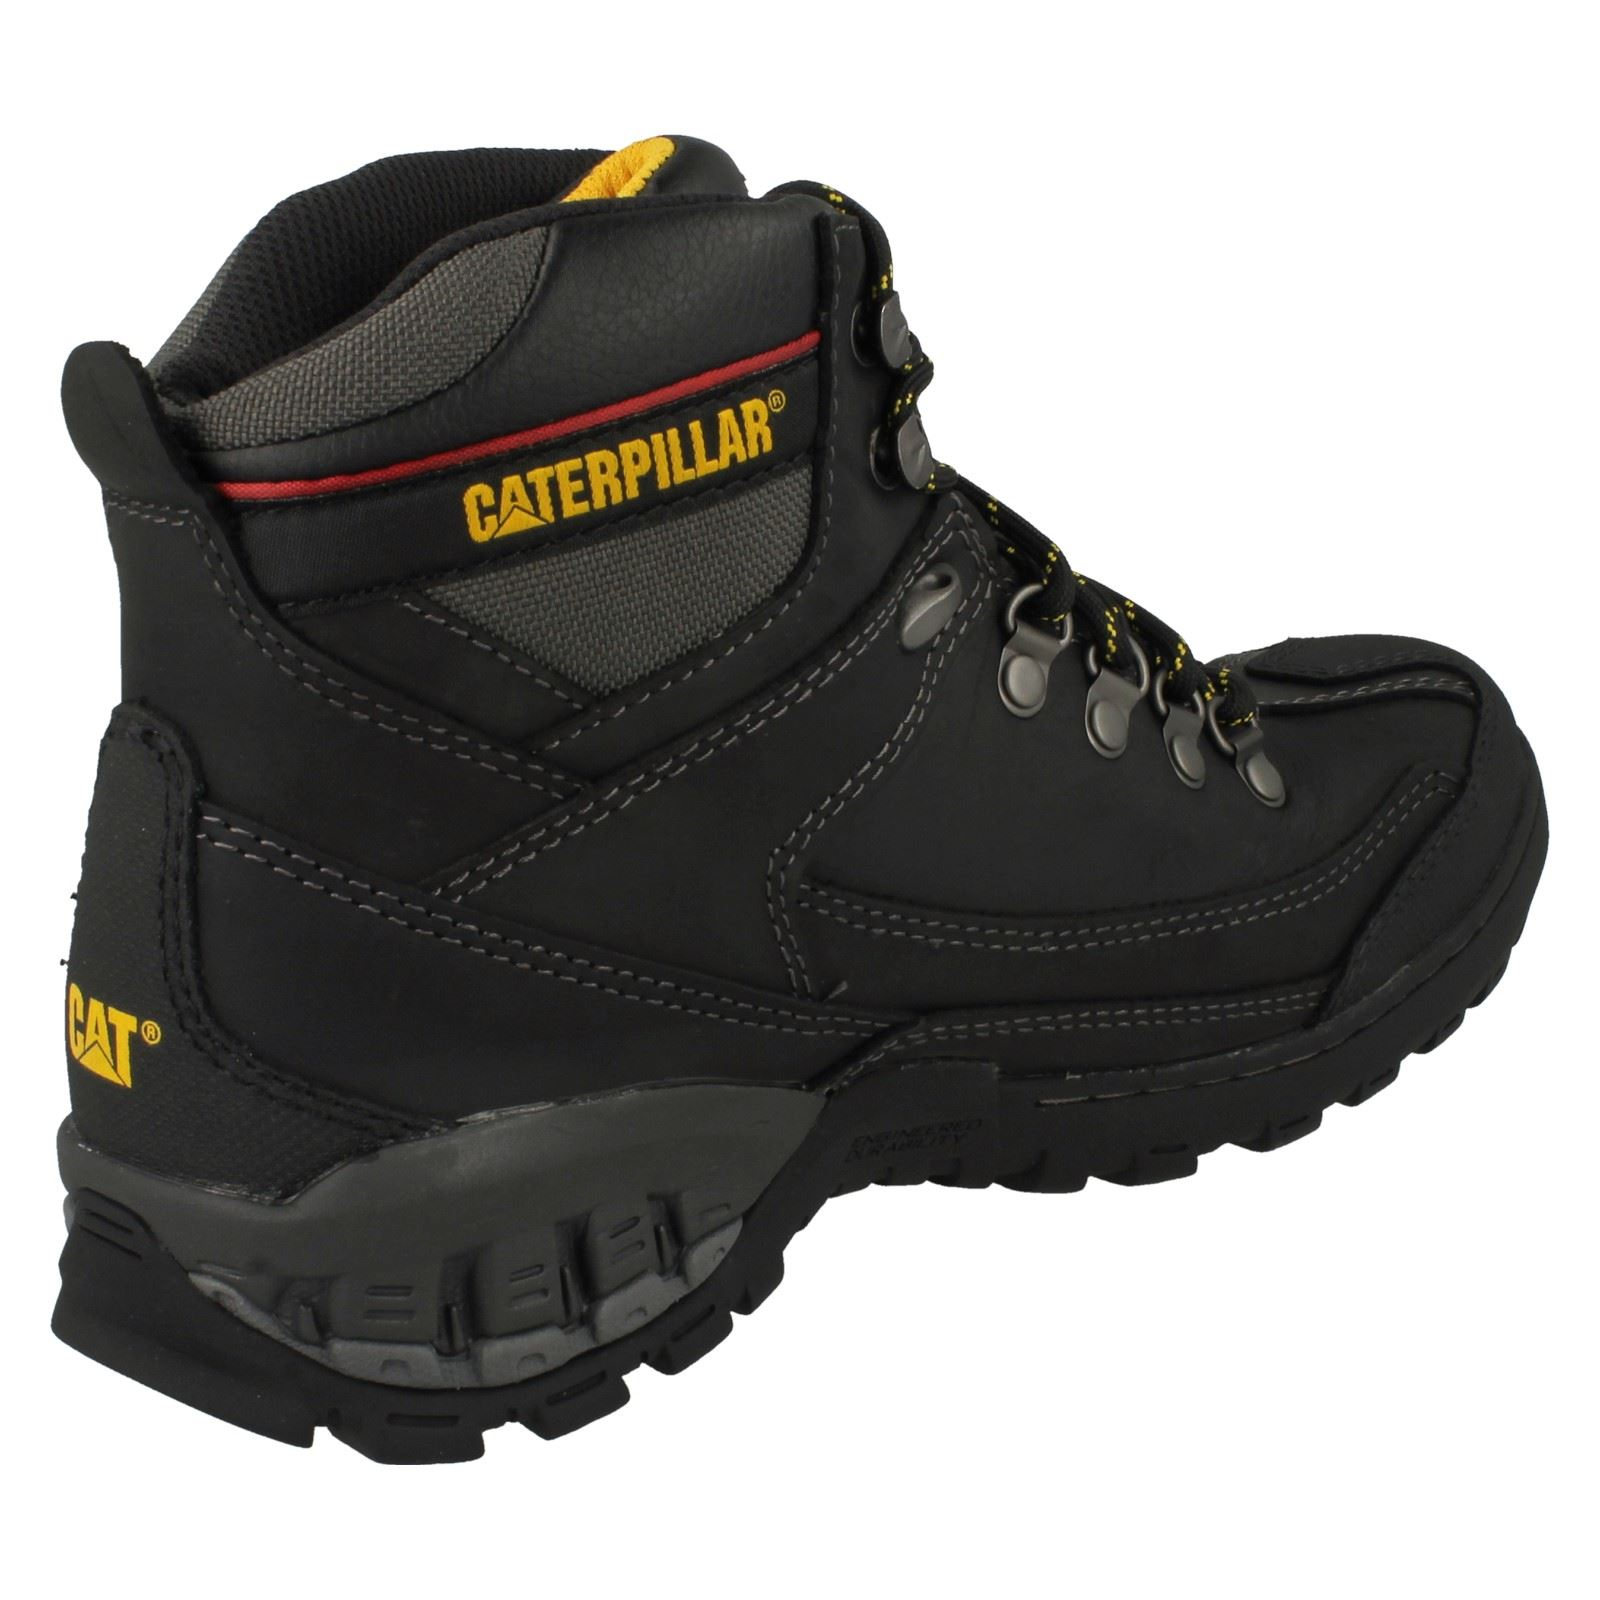 d9494e45632 botas caterpillar hombre impermeable,botas cat grises